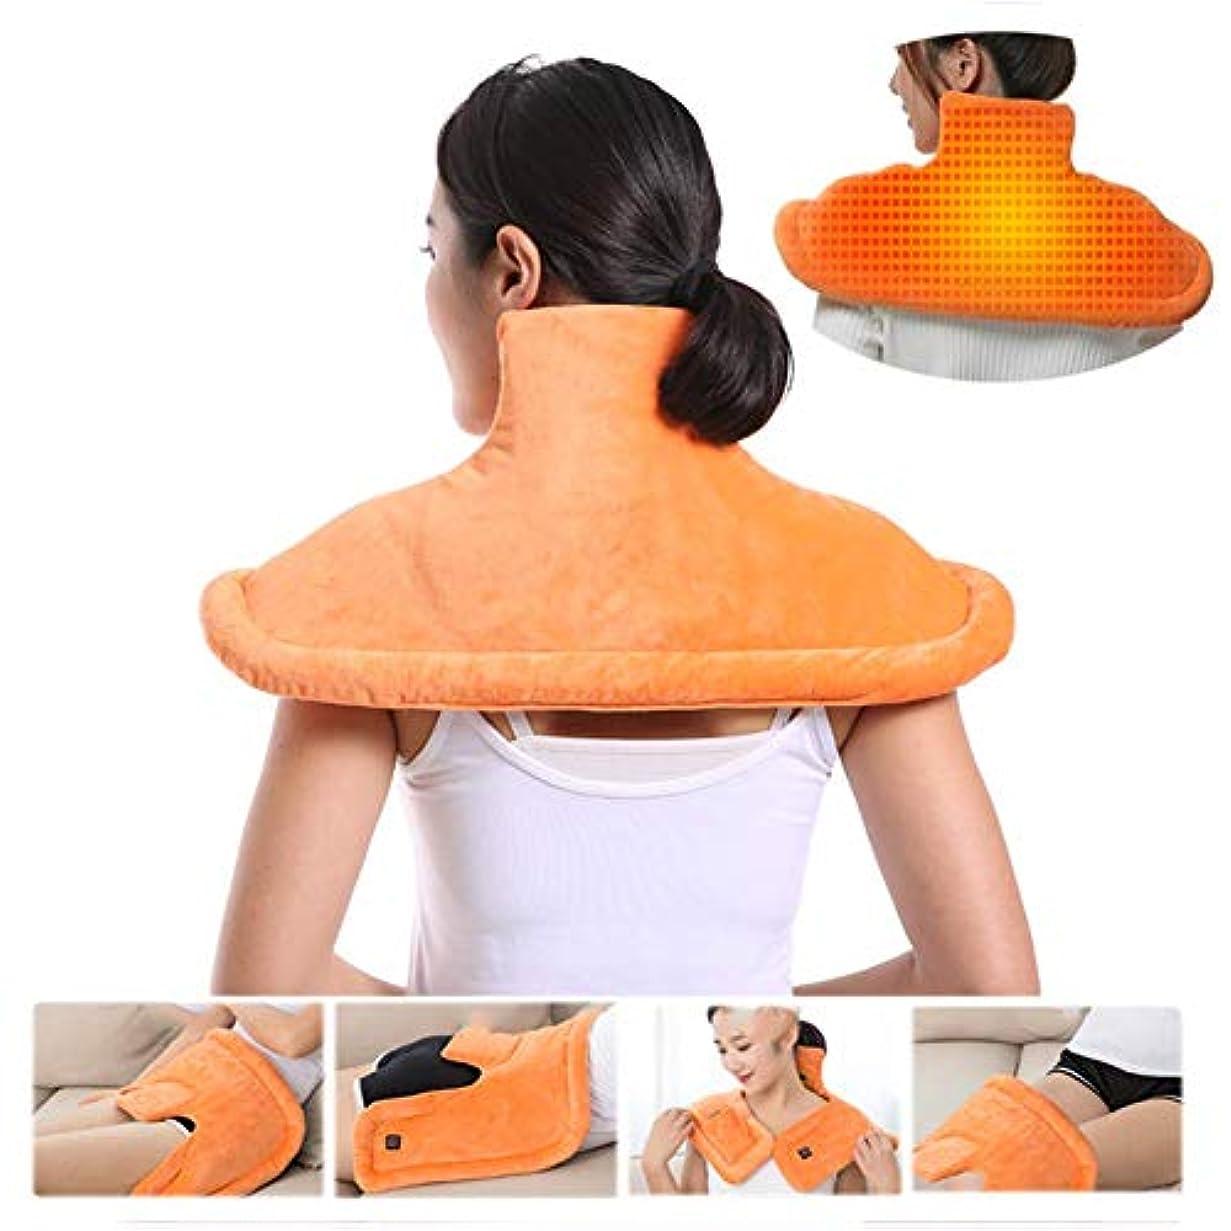 倍率知的雷雨Sooger 電熱のストール 首の肩の背部暖房パッド、マッサージのヒートラップの熱くするショールの減圧のための調節可能な強度フルボディマッサージ首の肩暖房湿った熱療法のパッド